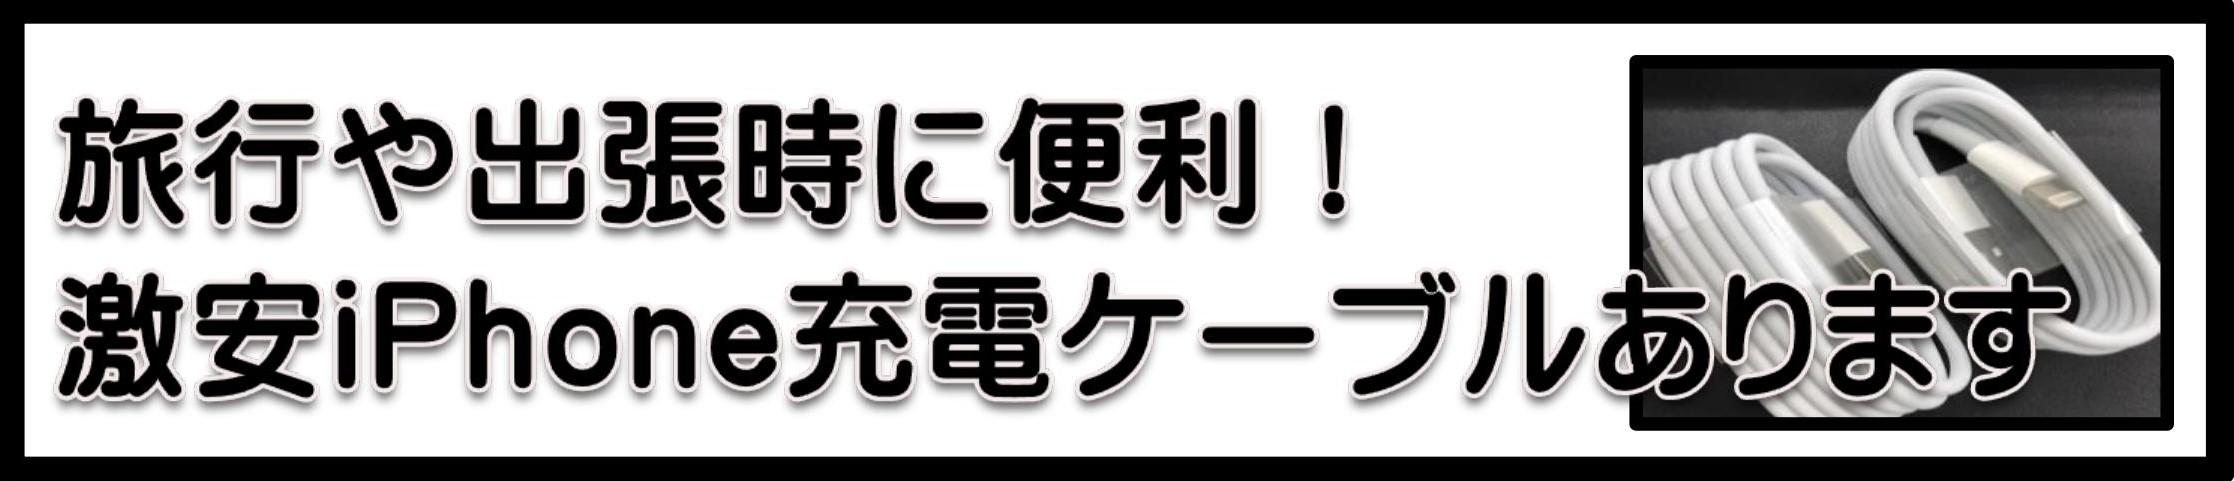 豊橋金券ショップフリーチケット iPhone充電ケーブル